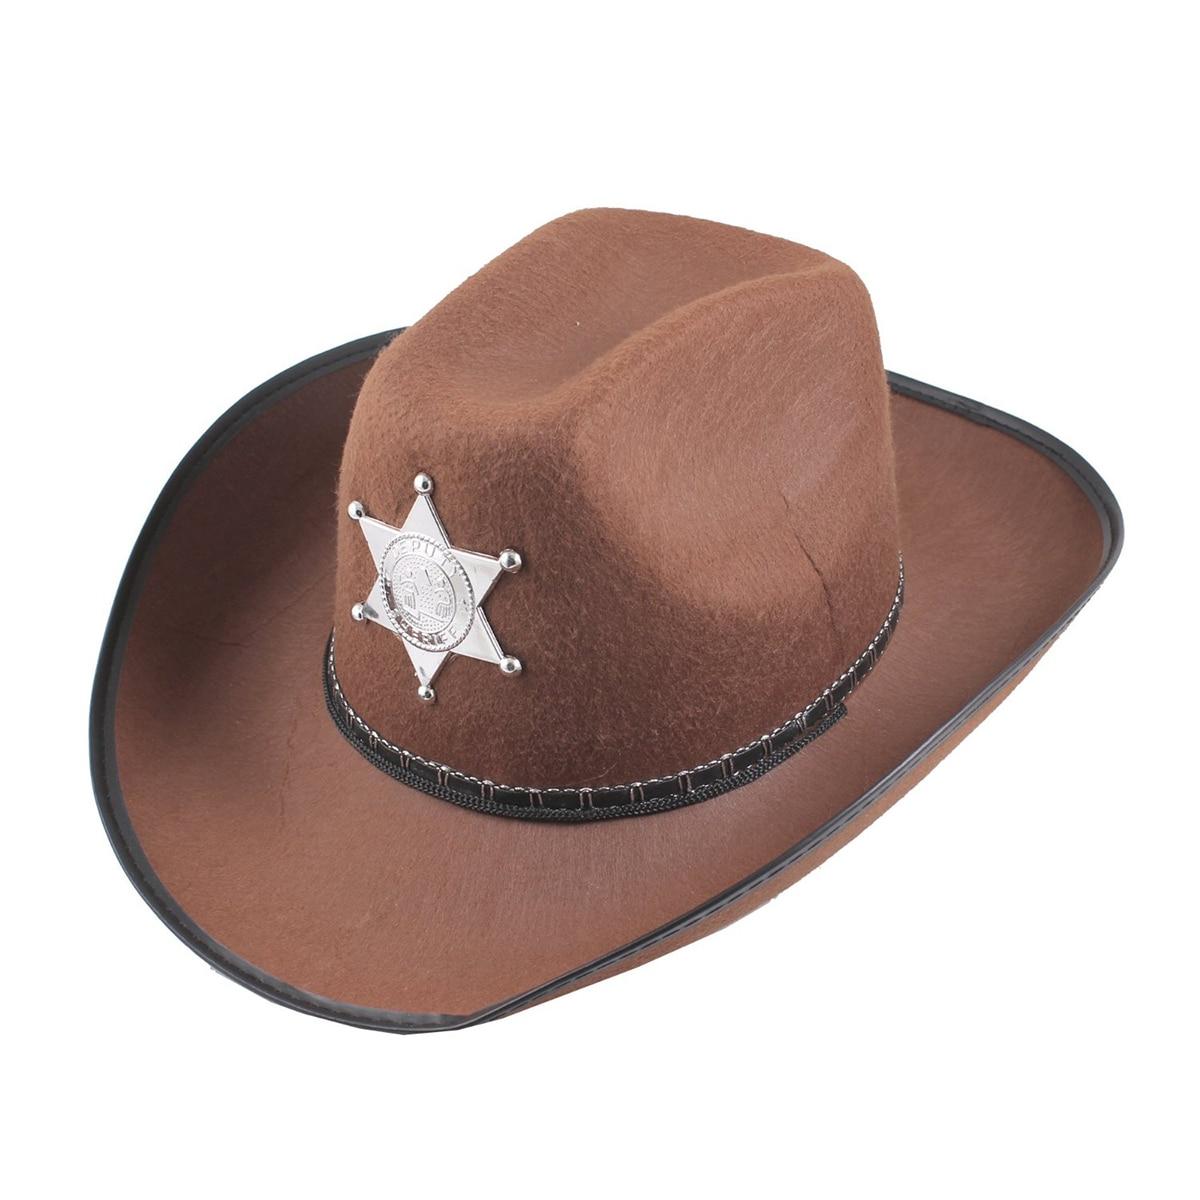 3 יח  אריזה אופנה קריקטורה ייחודי Creative נוטף שמן שרשרת סיכת Breastpin  פין סיכת כובע שקית בגדיםUSD 2.40 lot bd285757ca4c